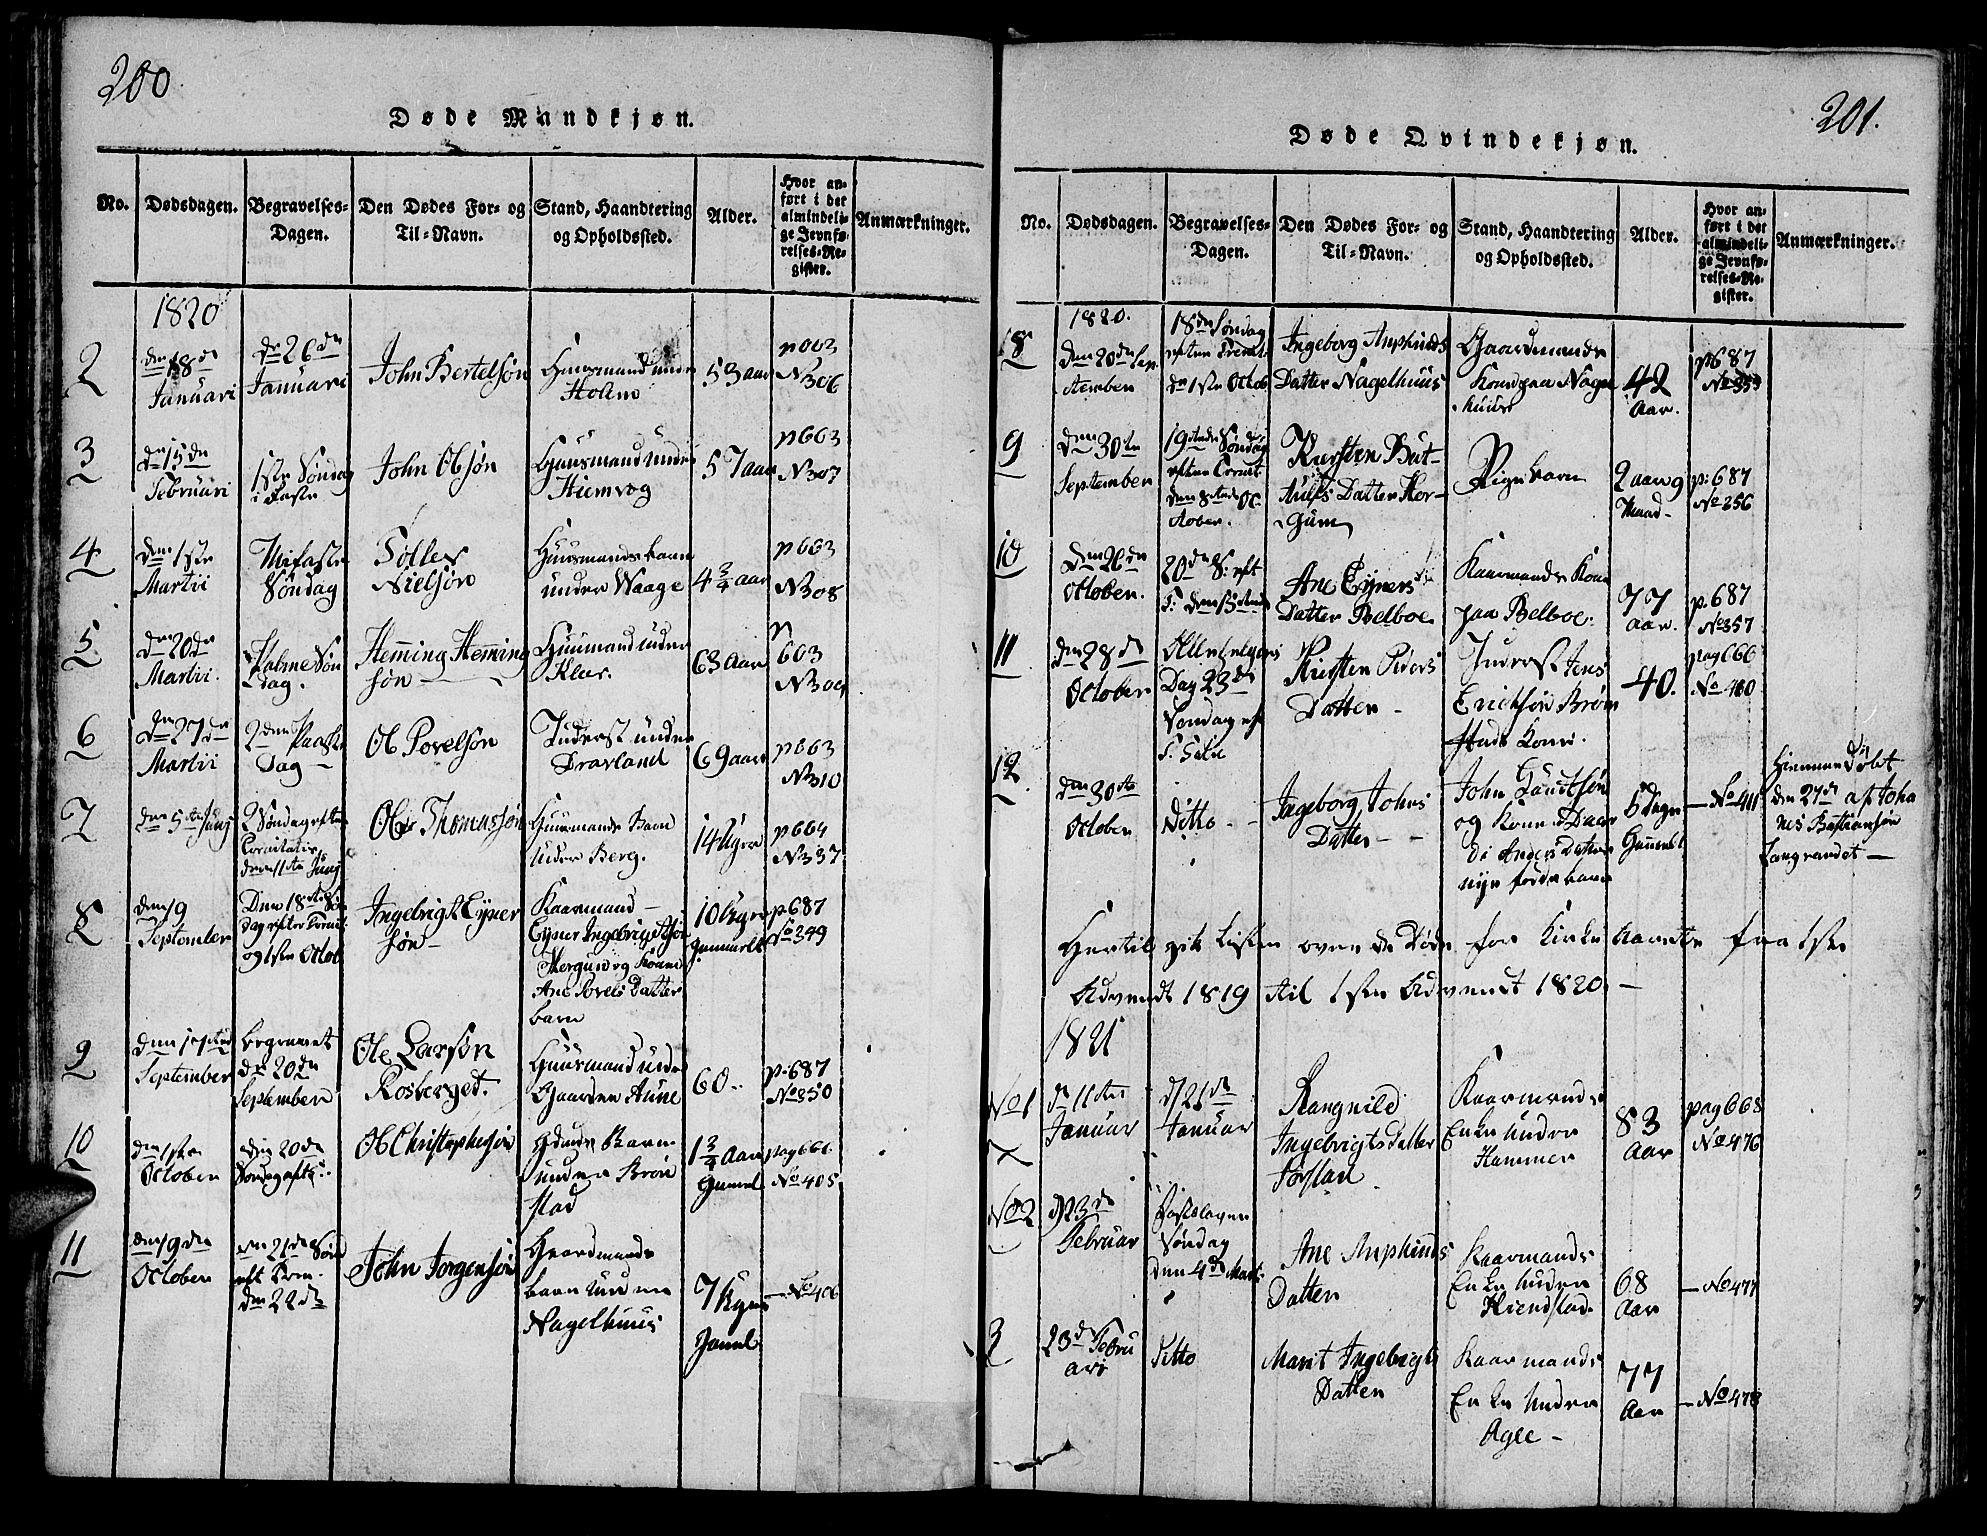 SAT, Ministerialprotokoller, klokkerbøker og fødselsregistre - Nord-Trøndelag, 749/L0479: Klokkerbok nr. 749C01, 1817-1829, s. 200-201